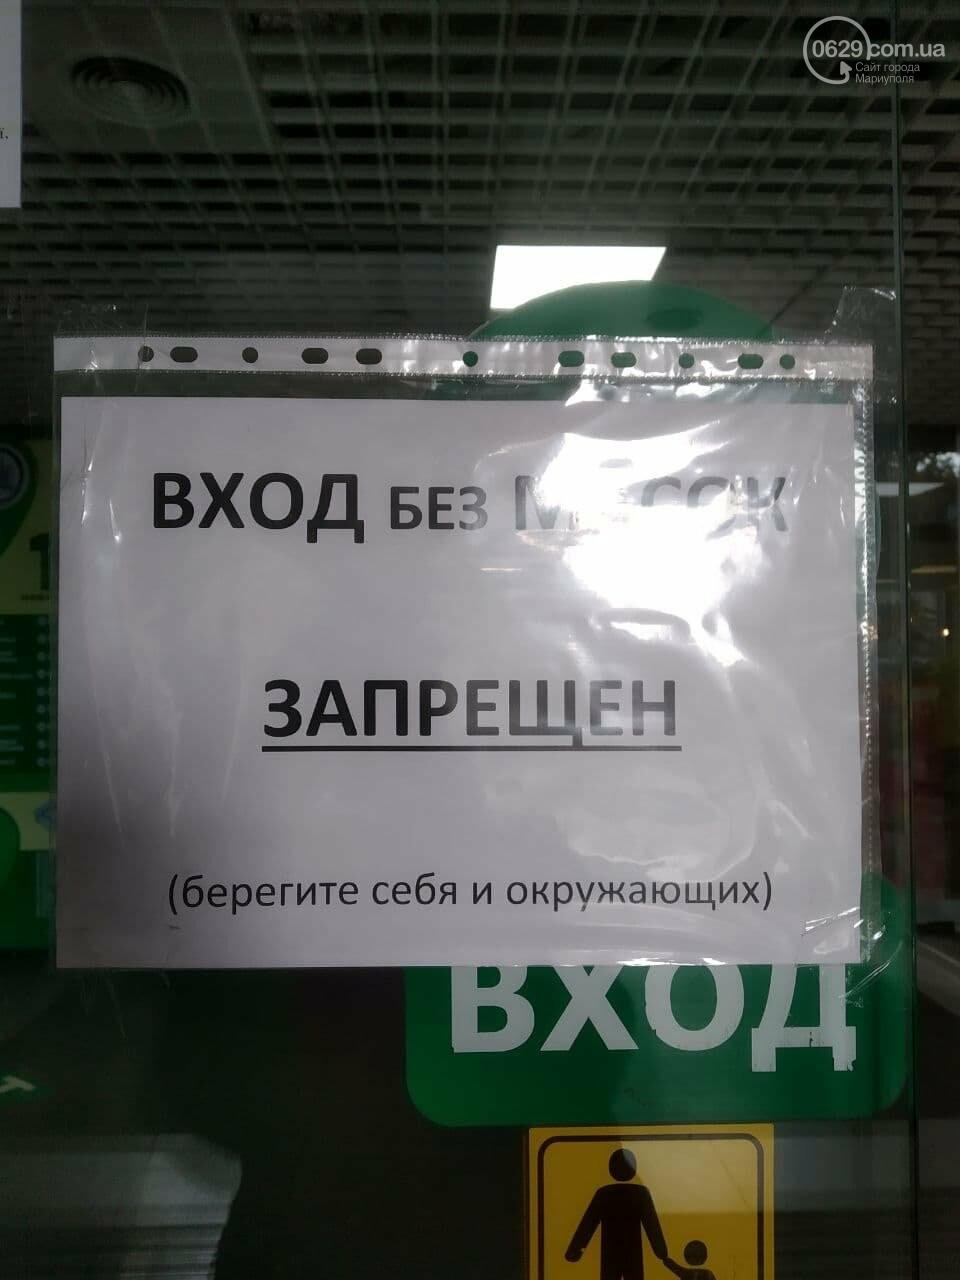 Скупиться и не заразиться. Рейтинг безопасности мариупольских супермаркетов, - ФОТО, фото-36